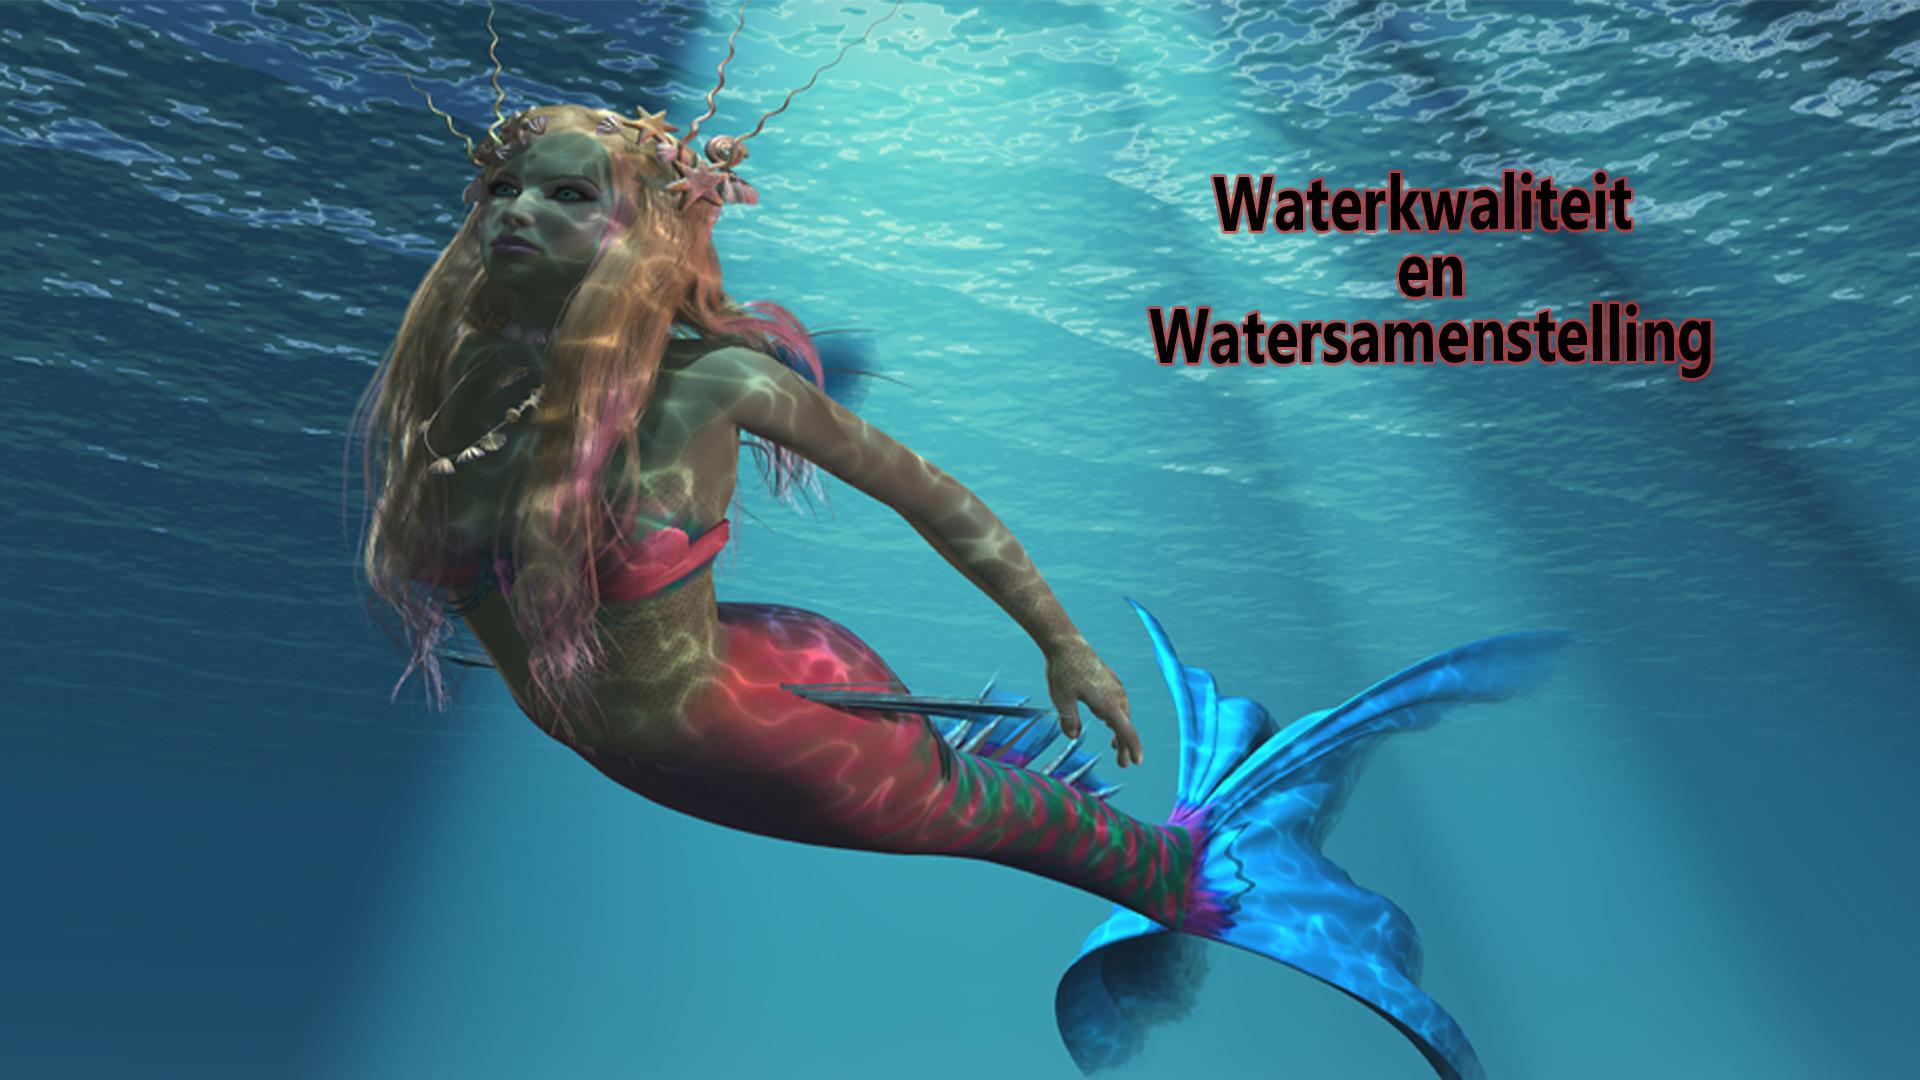 Waterkwaliteit en Watersamenstelling